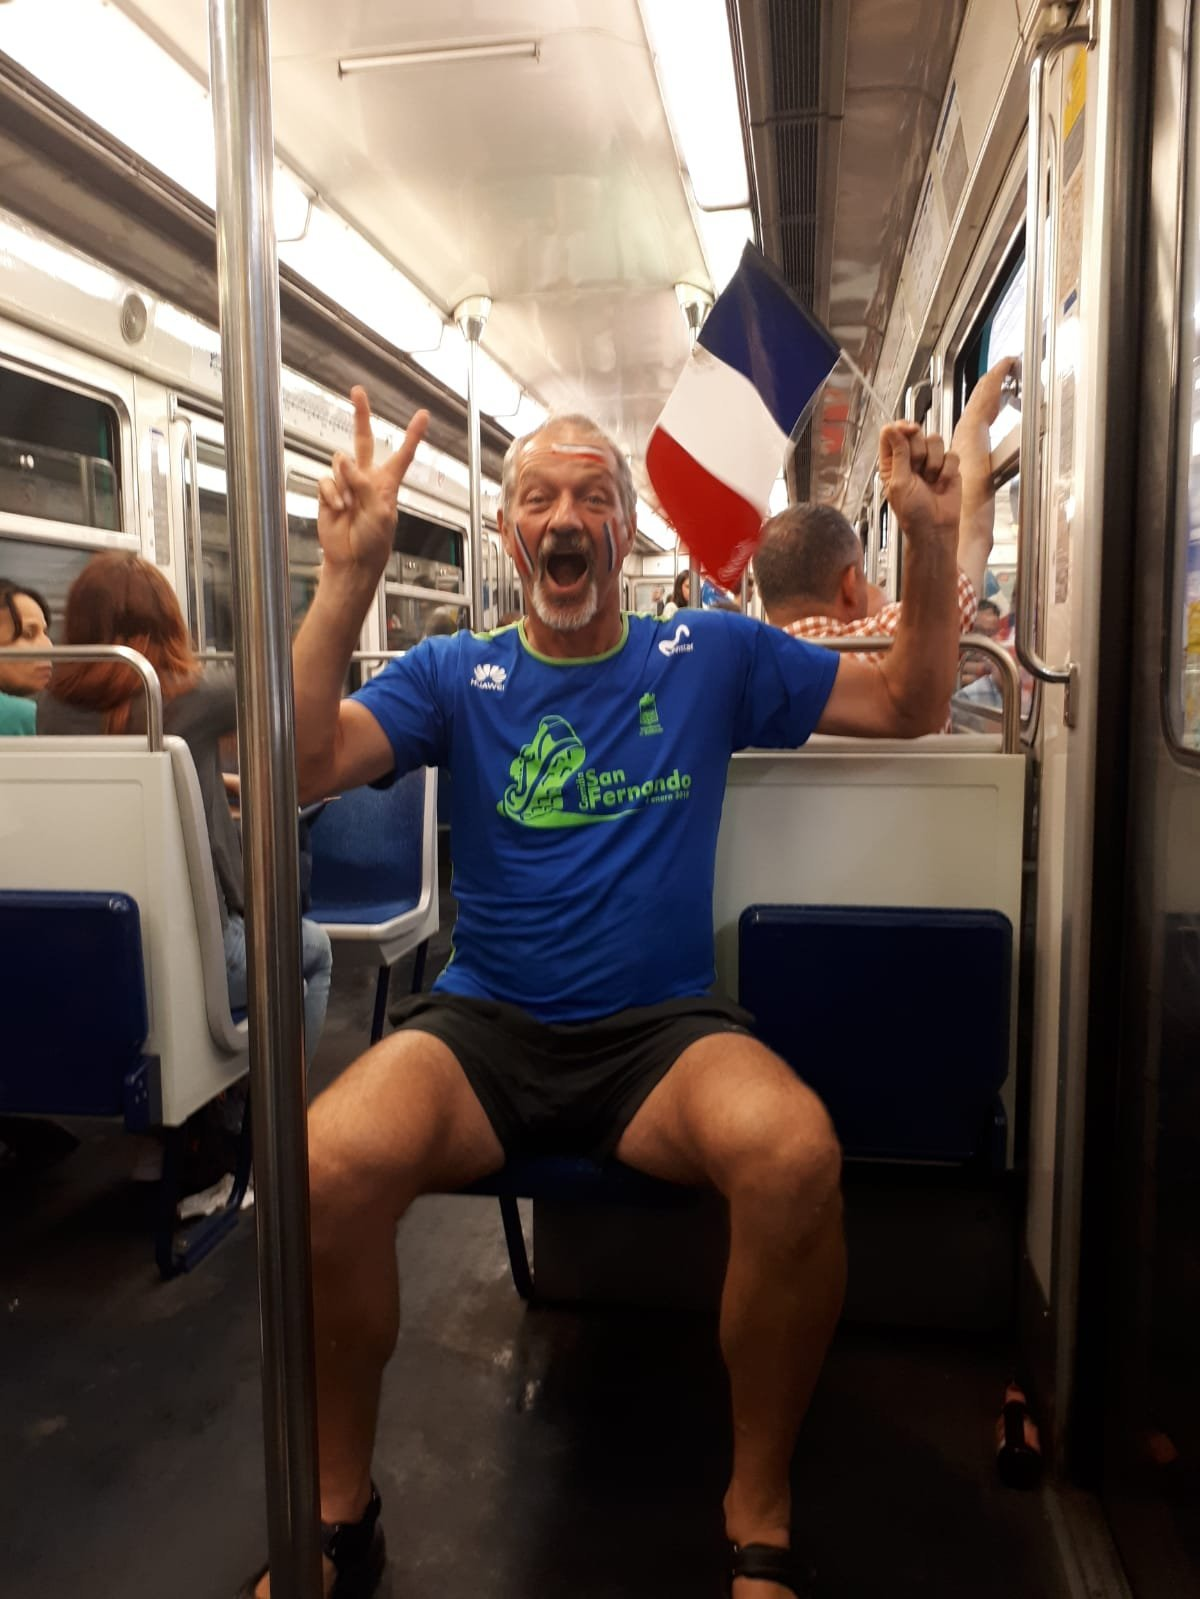 El padre de Noelia Guilmard festeja la victoria de su equipo en el metro camino a Champs-Elysees